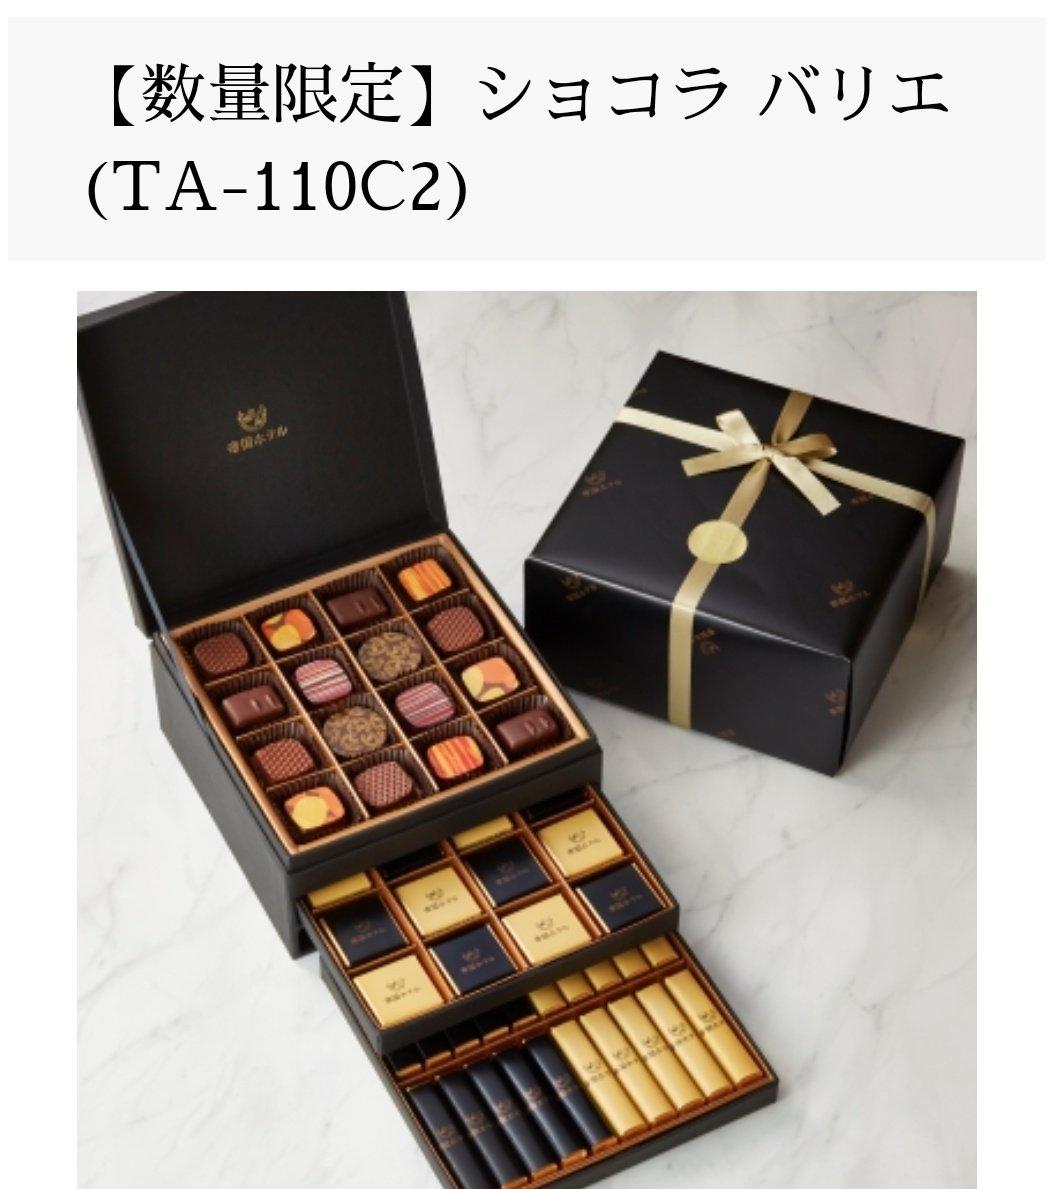 test ツイッターメディア - 帝国ホテルのチョコレート頼んじゃおうかなー😊美味しいんだよねー😊しかもこれが欲しい😊いちまんえん💦 https://t.co/BRFy4rriba